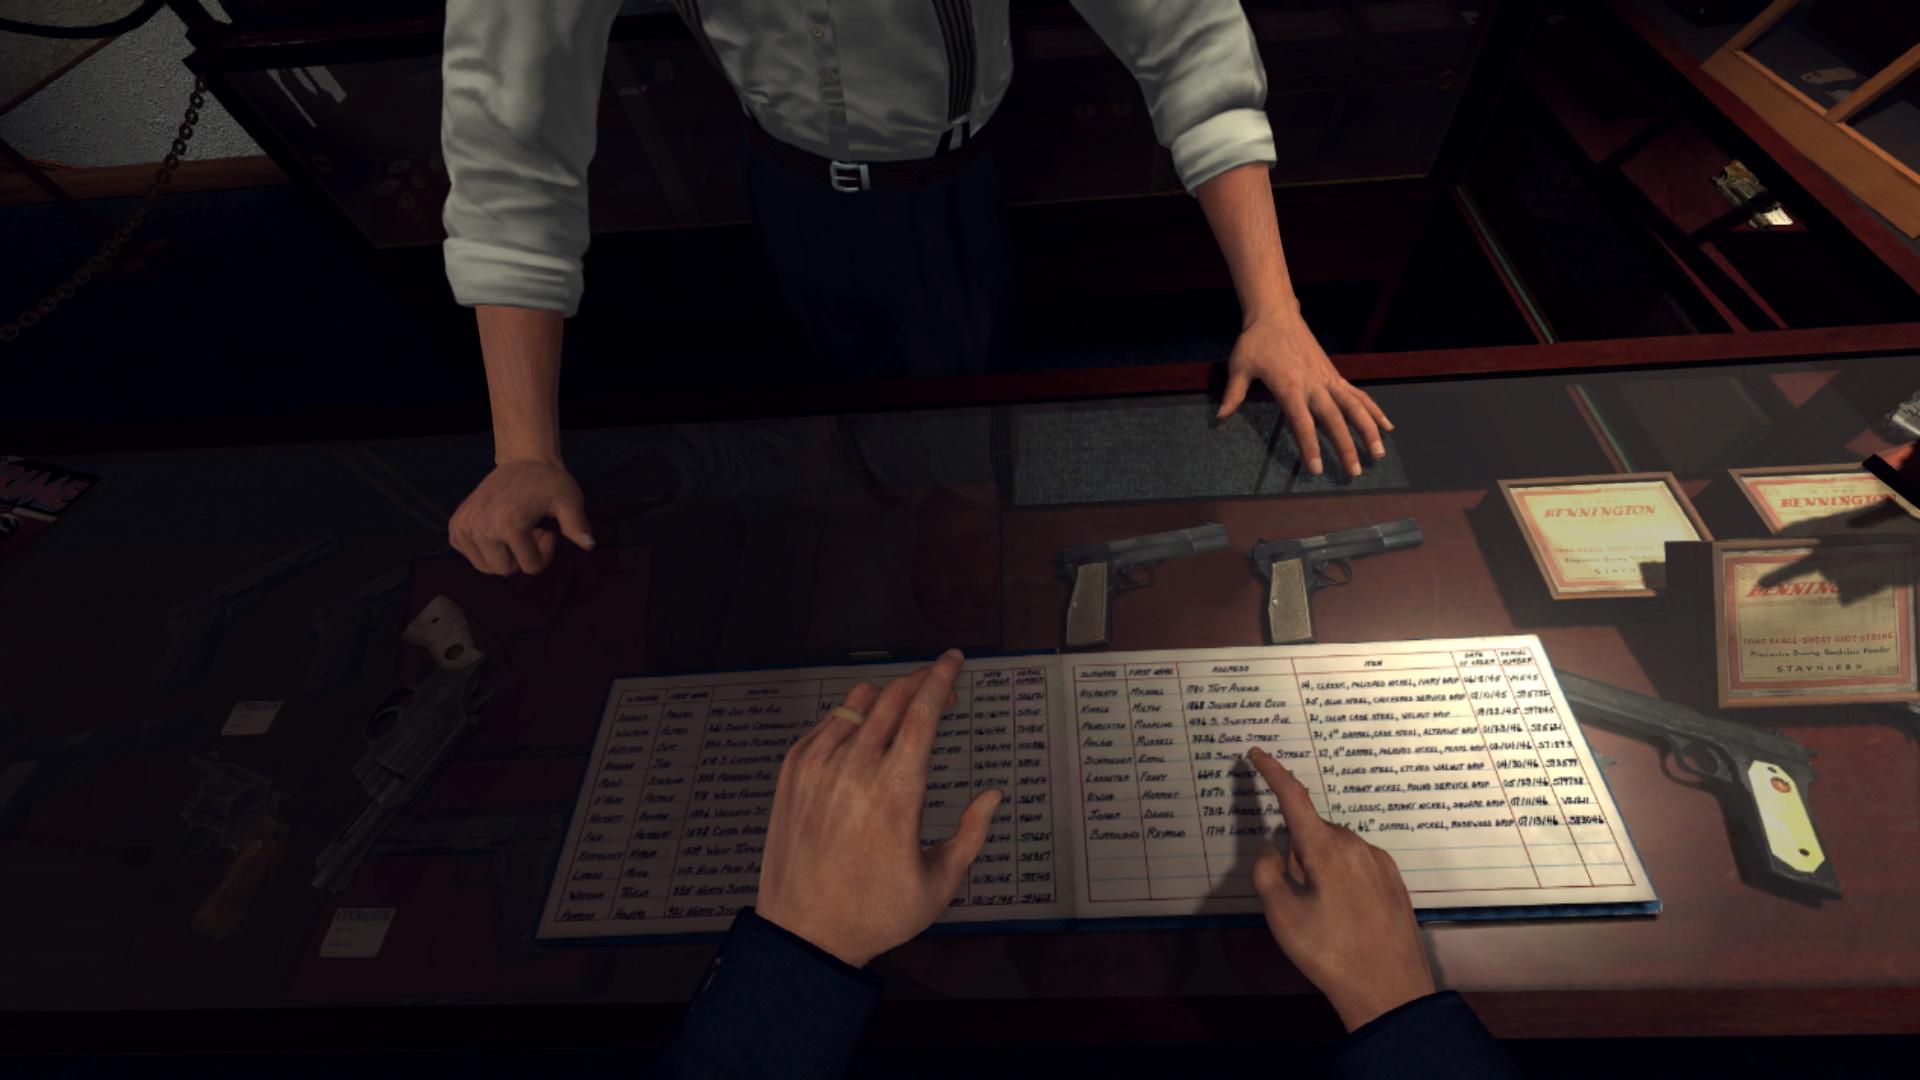 LA Noire: The VR Case Files By Rockstar Games Out Now